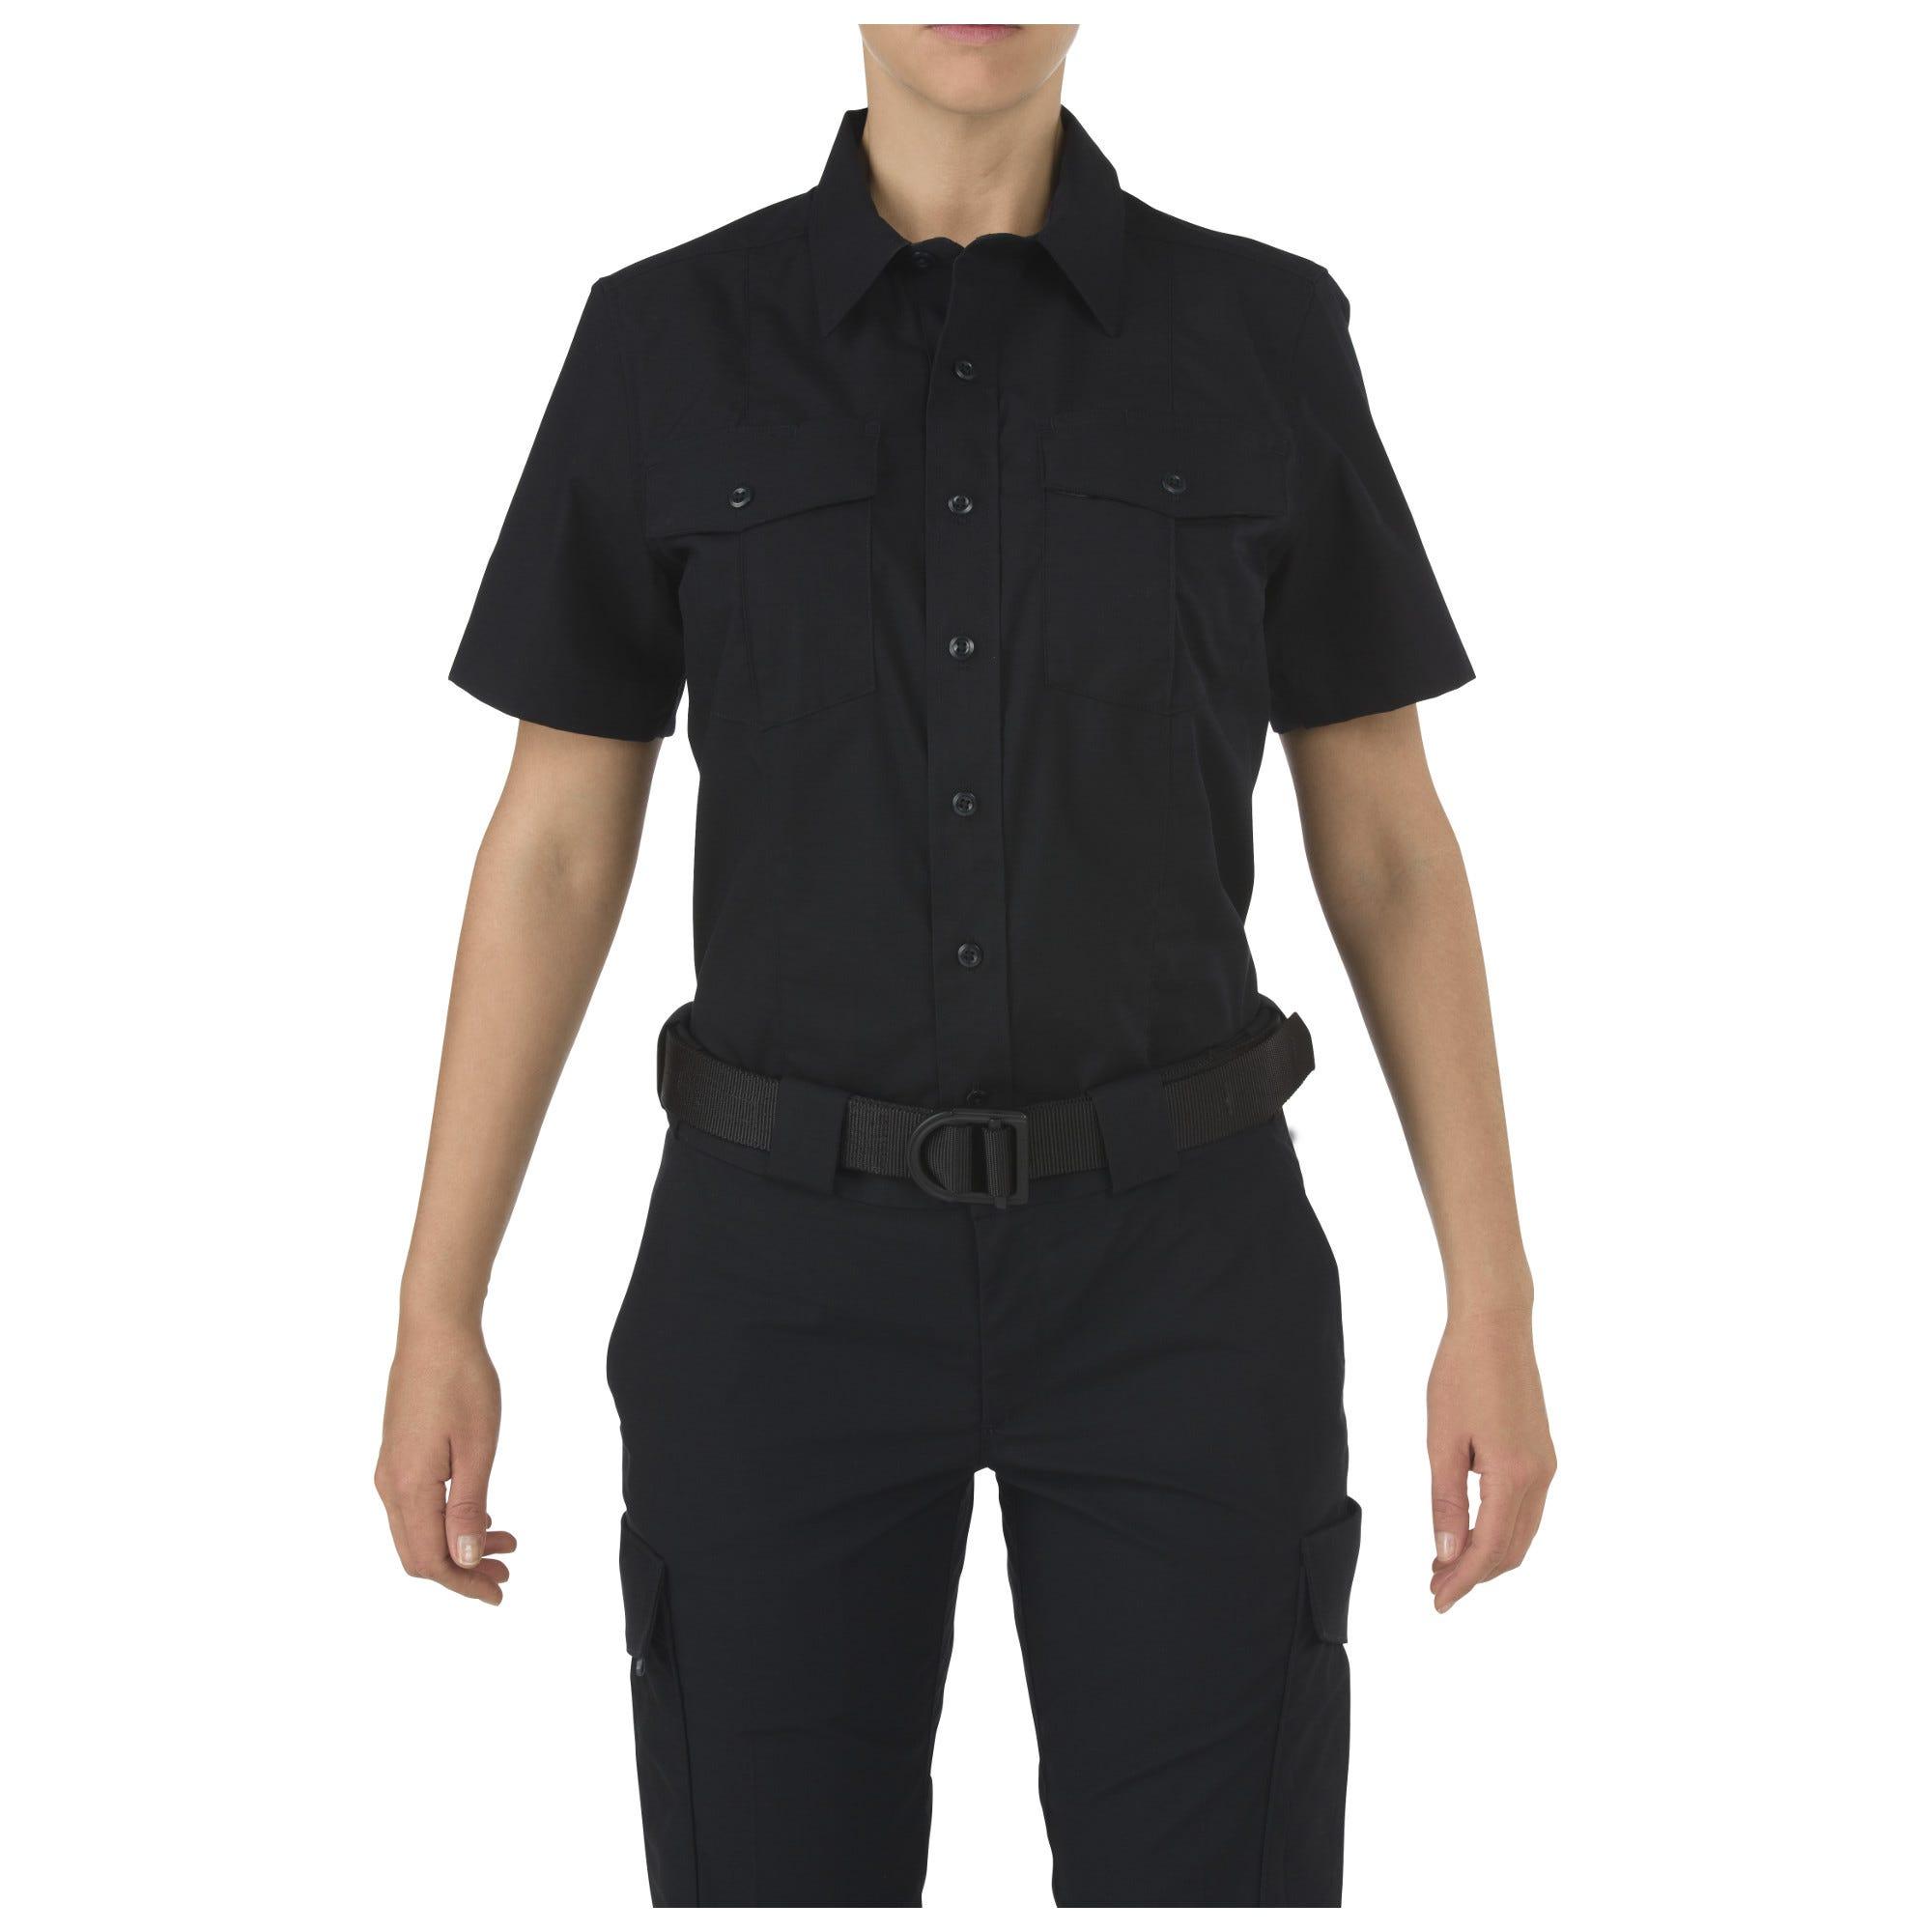 Women's 5.11 Stryke Class-A PDU Short Sleeve Shirt from 5.11 Tactical (Blue)